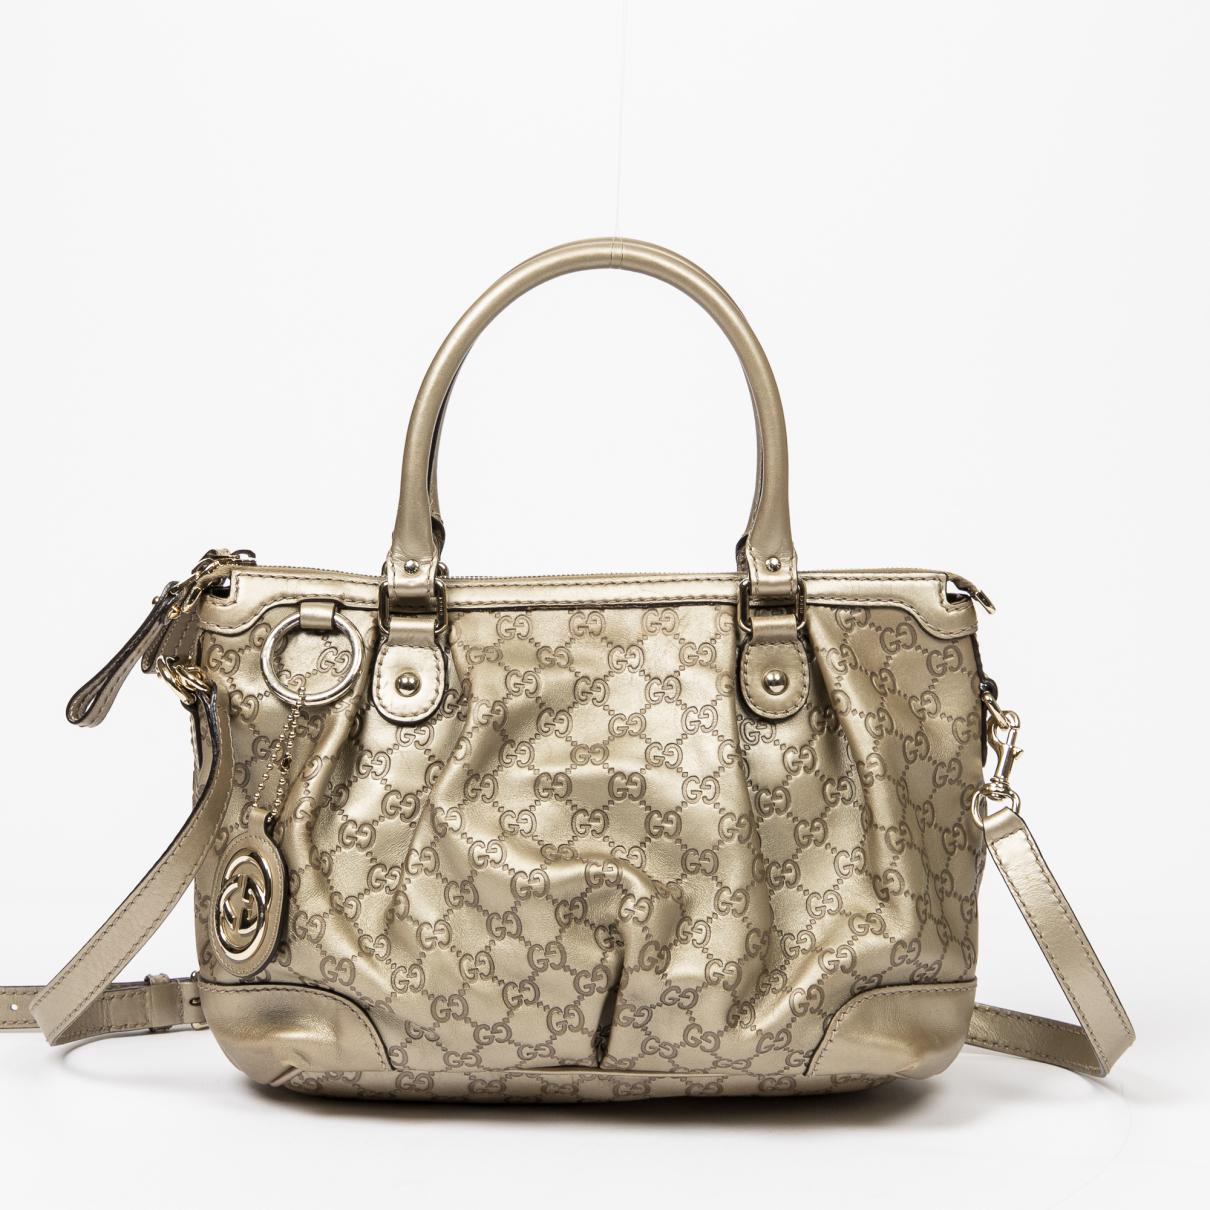 Gucci Sukey Handtasche in Leder